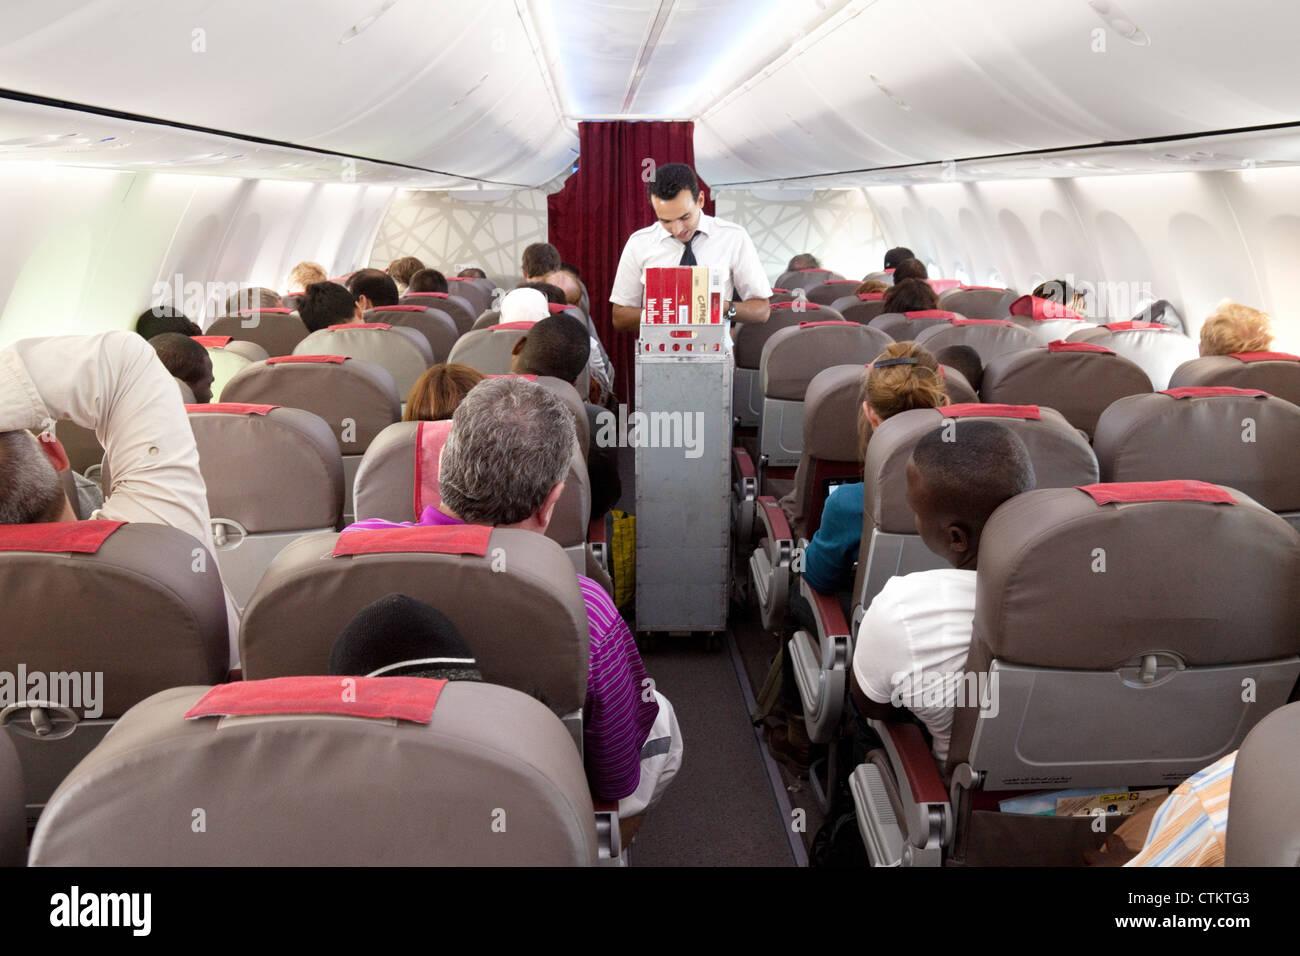 Verkauf von Duty-Free-waren innen Flug eines Flugzeugs, Royal Air ...